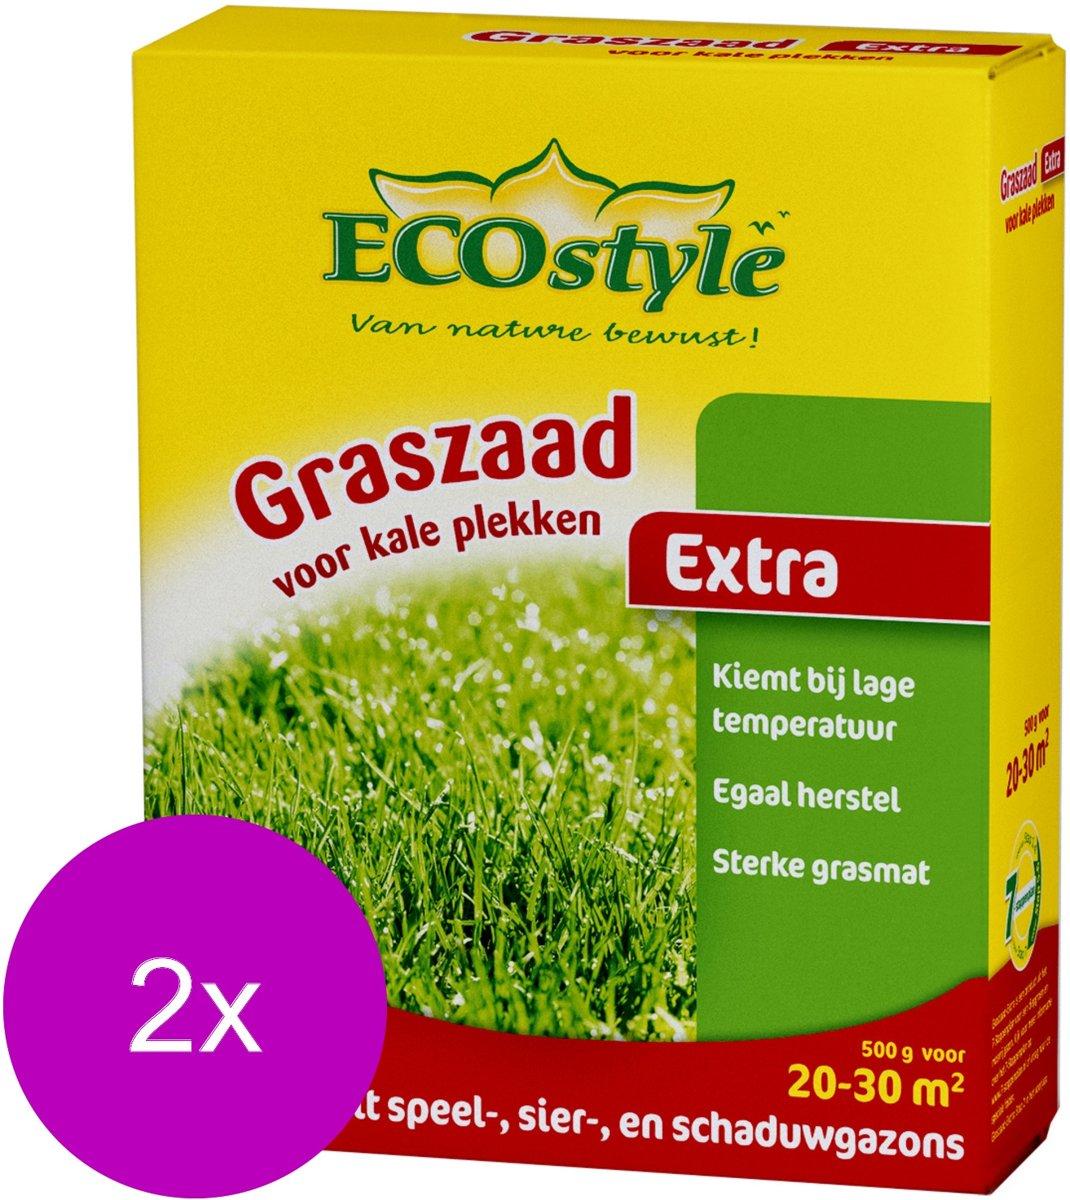 Ecostyle Graszaad-Extra 30 m2 - Graszaden - 2 x 500 g kopen